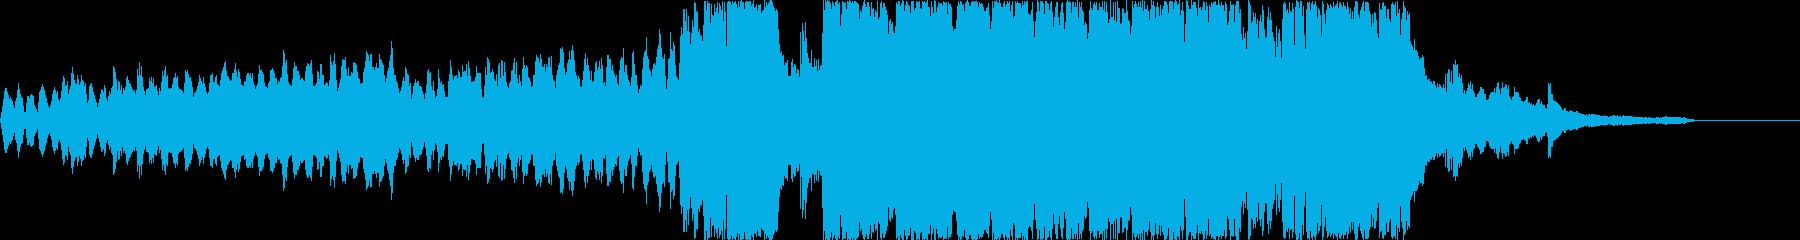 上品でわくわくした美しい紹介BGMの再生済みの波形